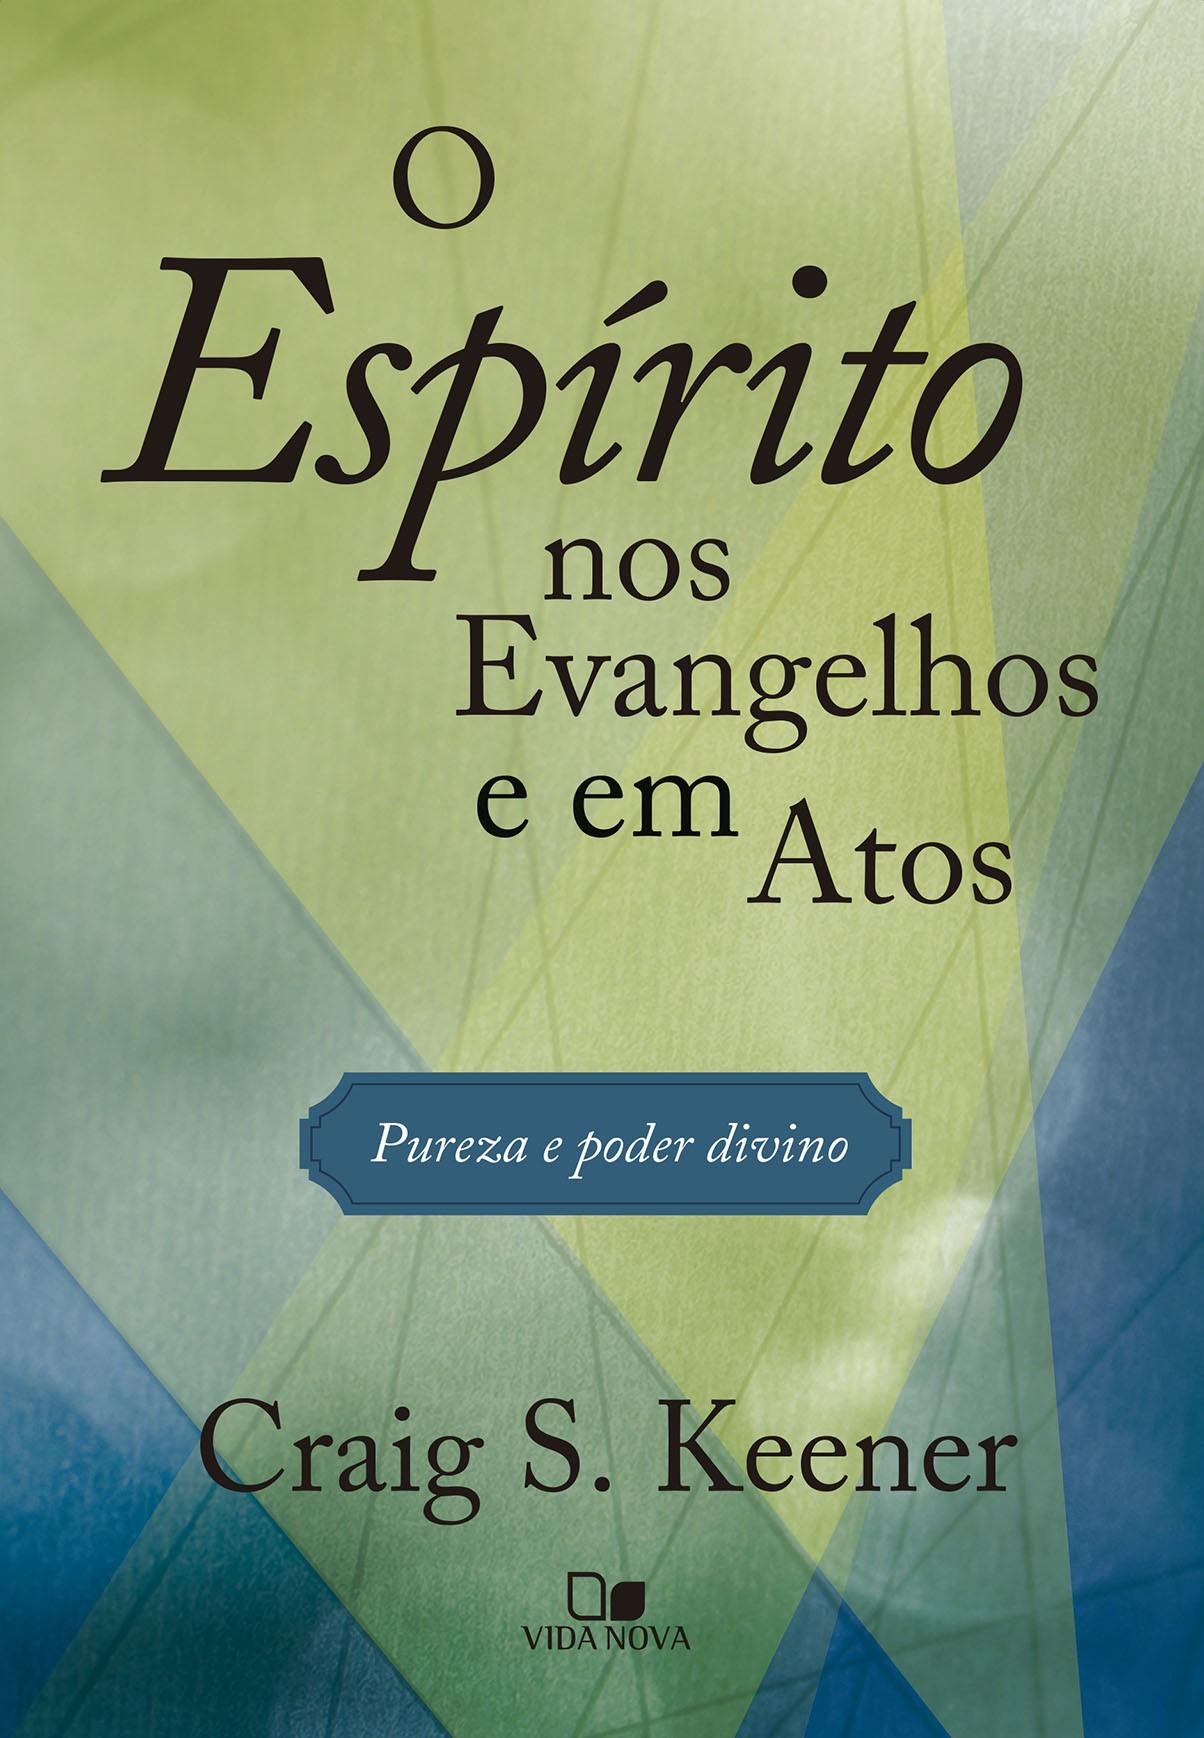 Espírito nos Evangelhos e em Atos, O